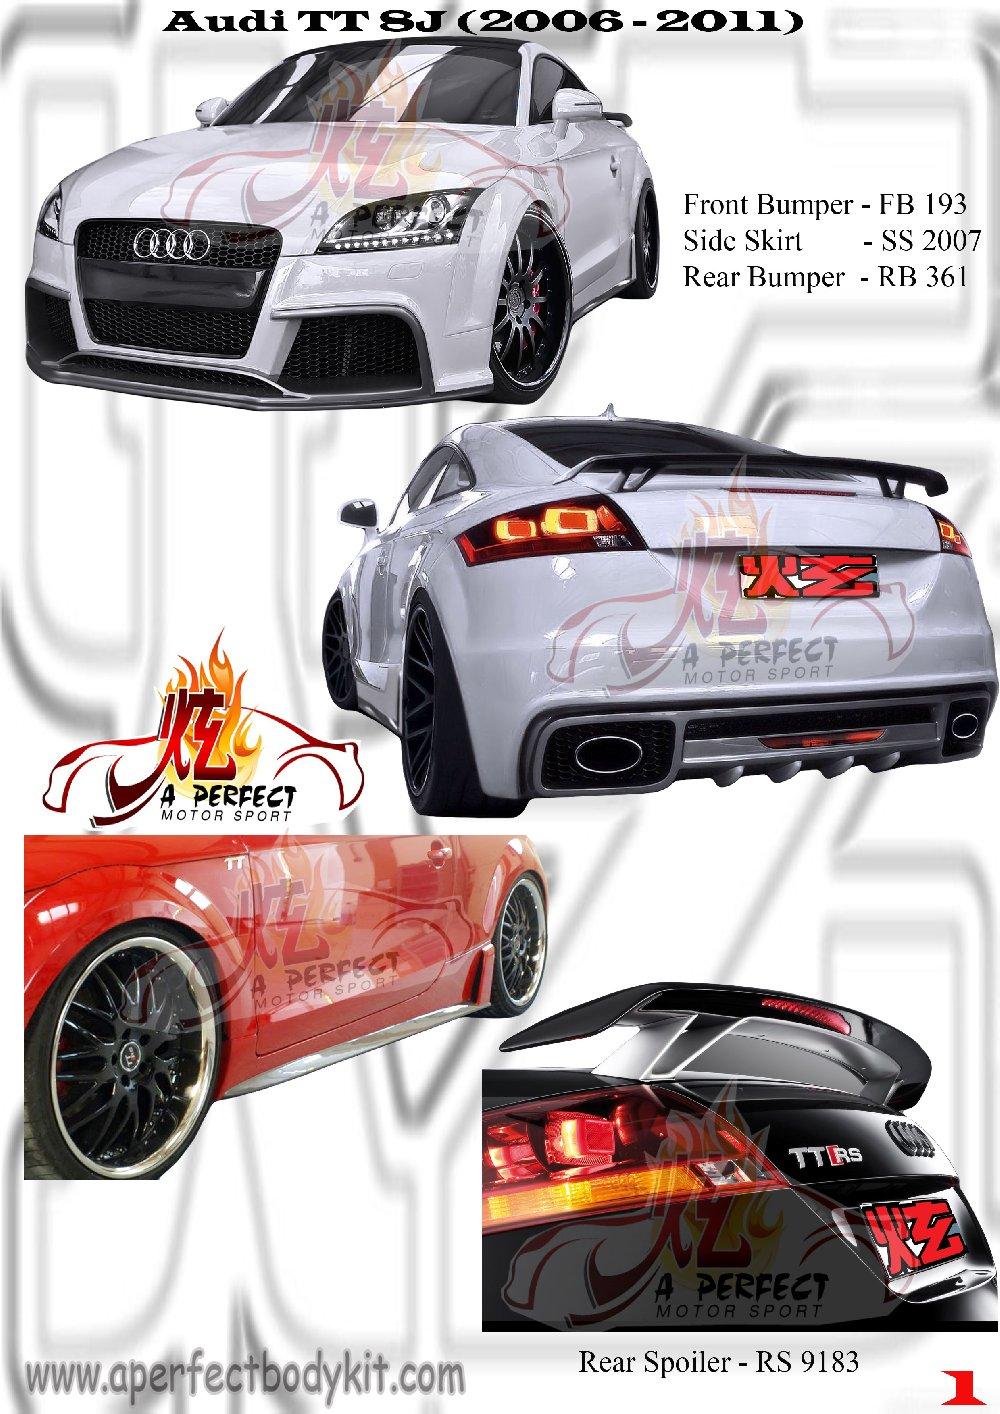 Audi Tt 8j Bodykit Audi Tts Johor Bahru Jb Malaysia Body